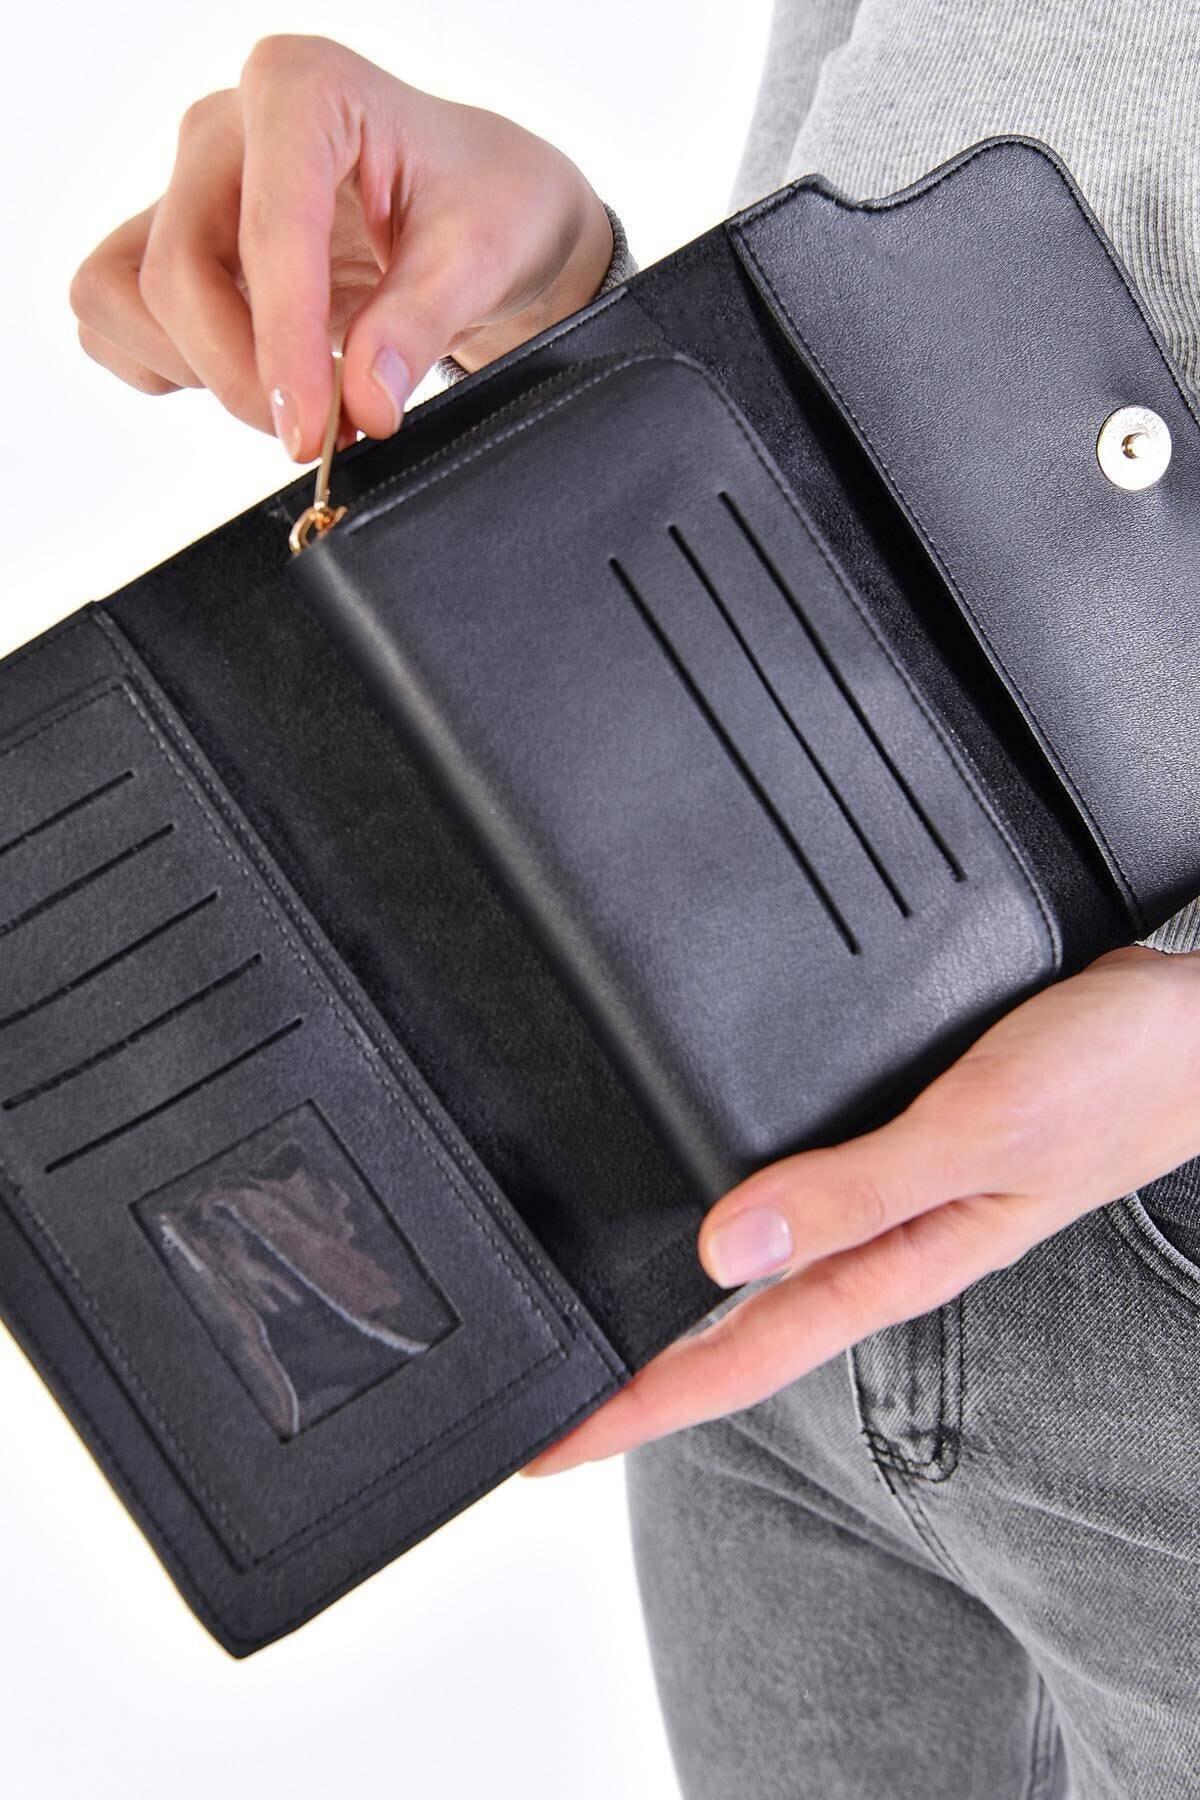 Женский черный кошелек, женский короткий кошелек, Женский кошелек для монет, модный кошелек, женский маленький кошелек с держателем для кар...